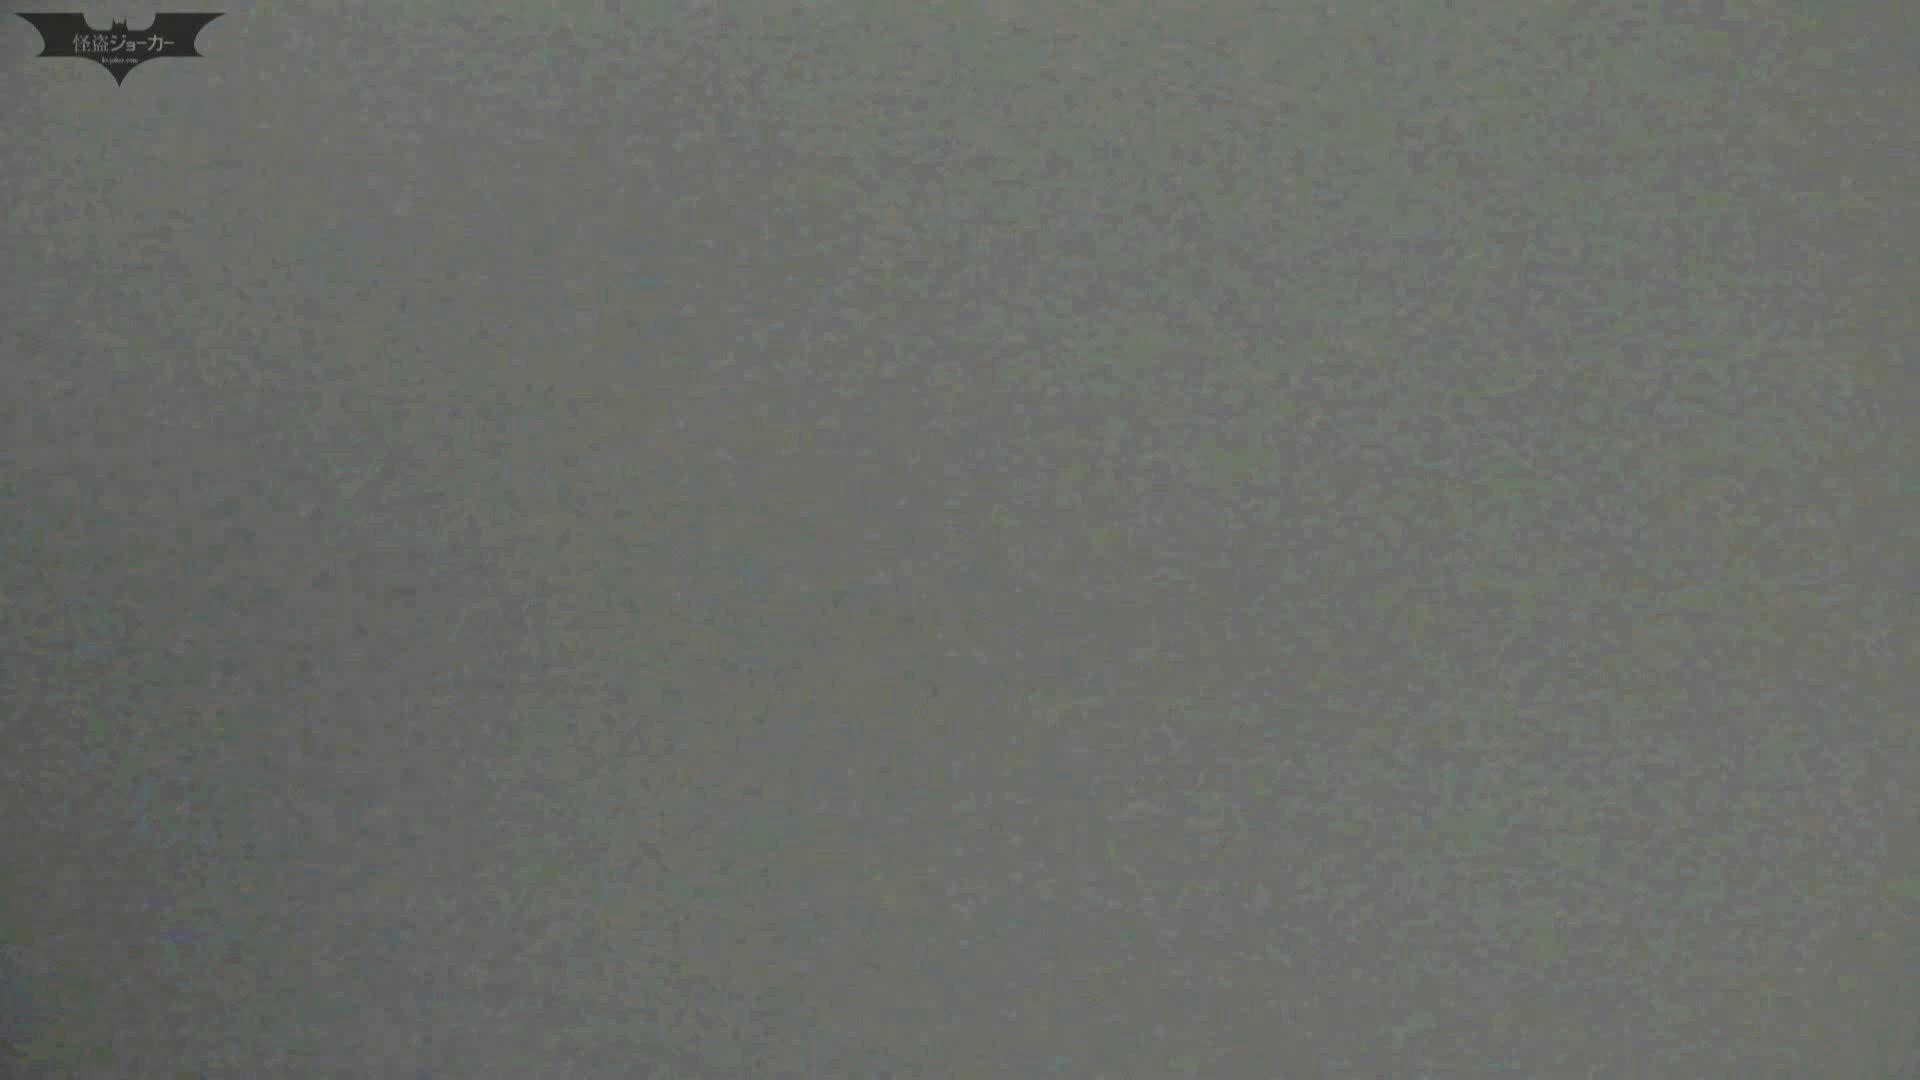 下からノゾム vol.018 スタイルいい子に、ついついて入っちゃった。 エッチすぎるOL達 | 0  101連発 27